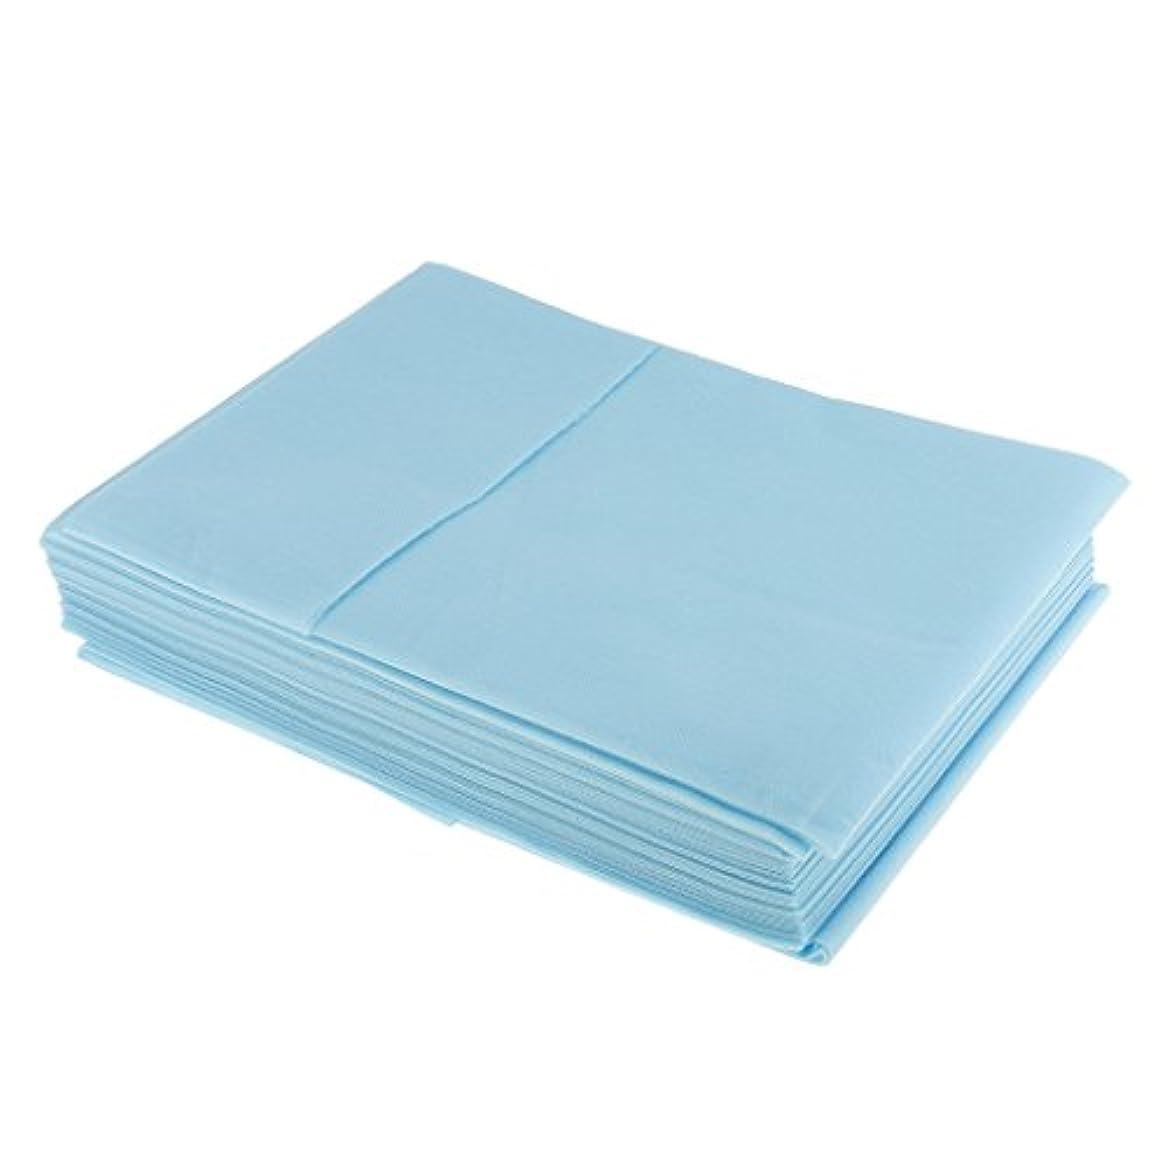 ロマンチック楽観的富Perfk 10枚入り 使い捨て 衛生シート ベッドパッド 旅行用 美容室/マッサージ/サロン/ホテル 店舗用品 全3色選べ - 青